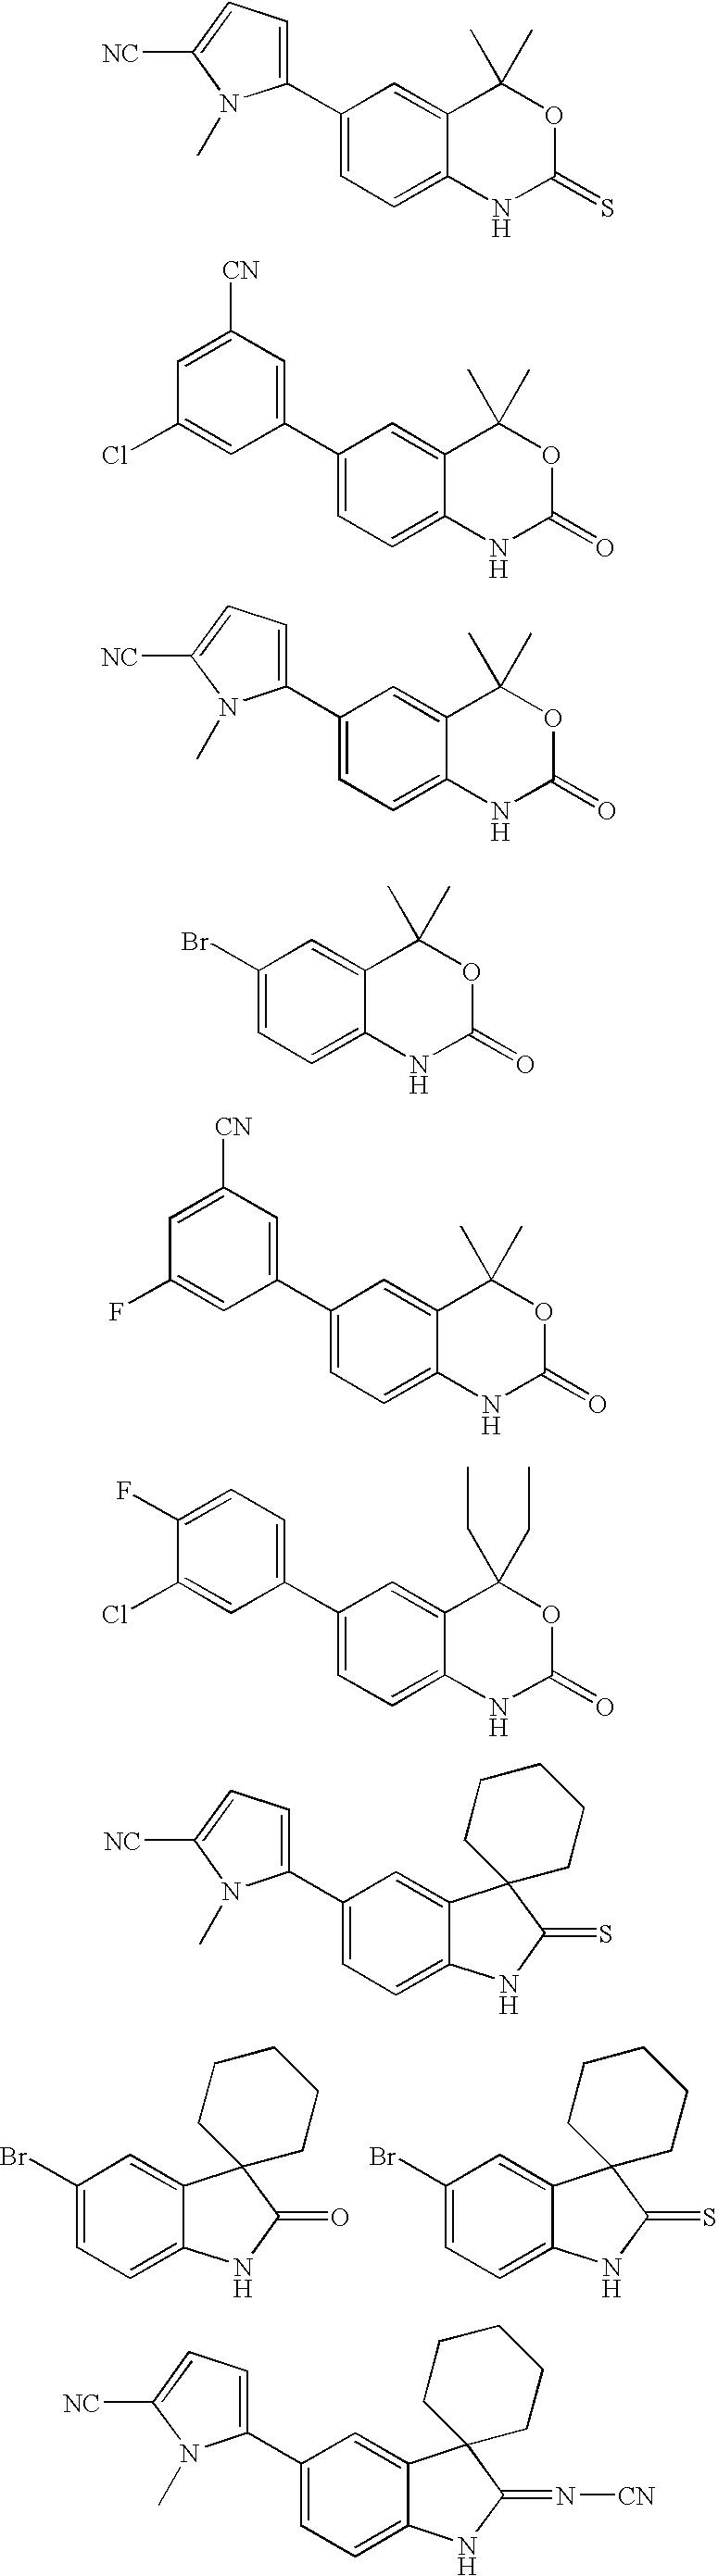 Figure US07514466-20090407-C00007